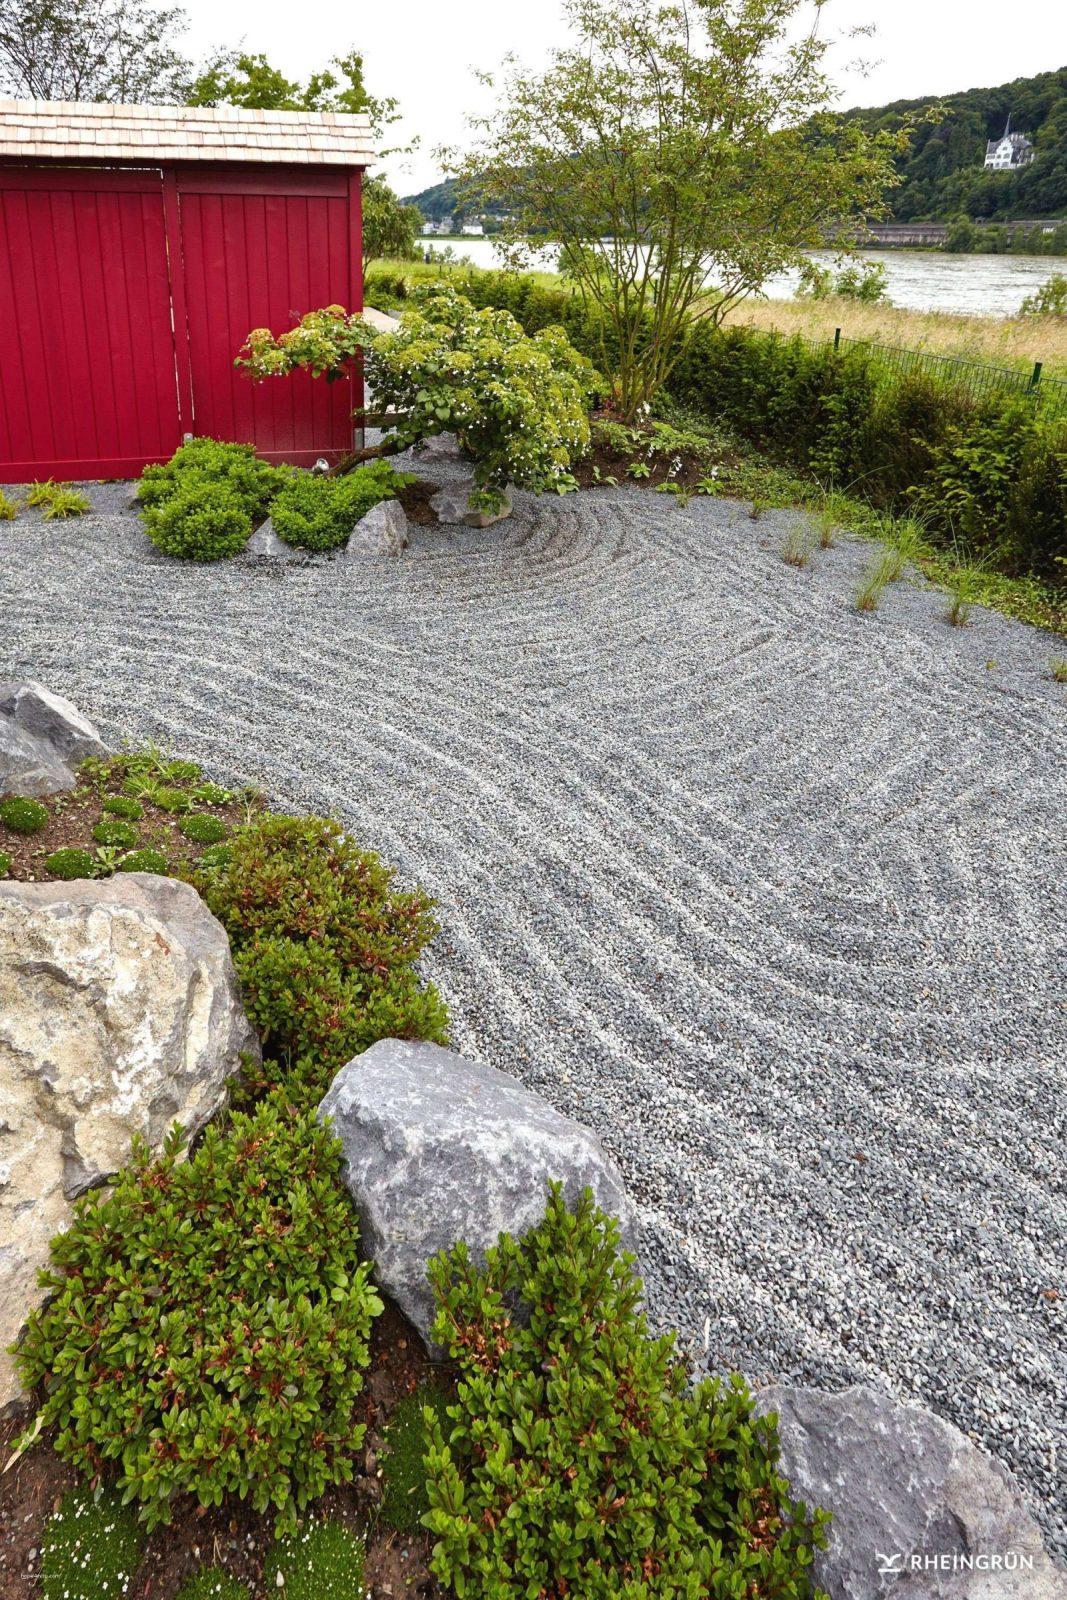 49 Tolle Für Garten Springbrunnen Selber Bauen Konzept von Garten Springbrunnen Selber Bauen Bild